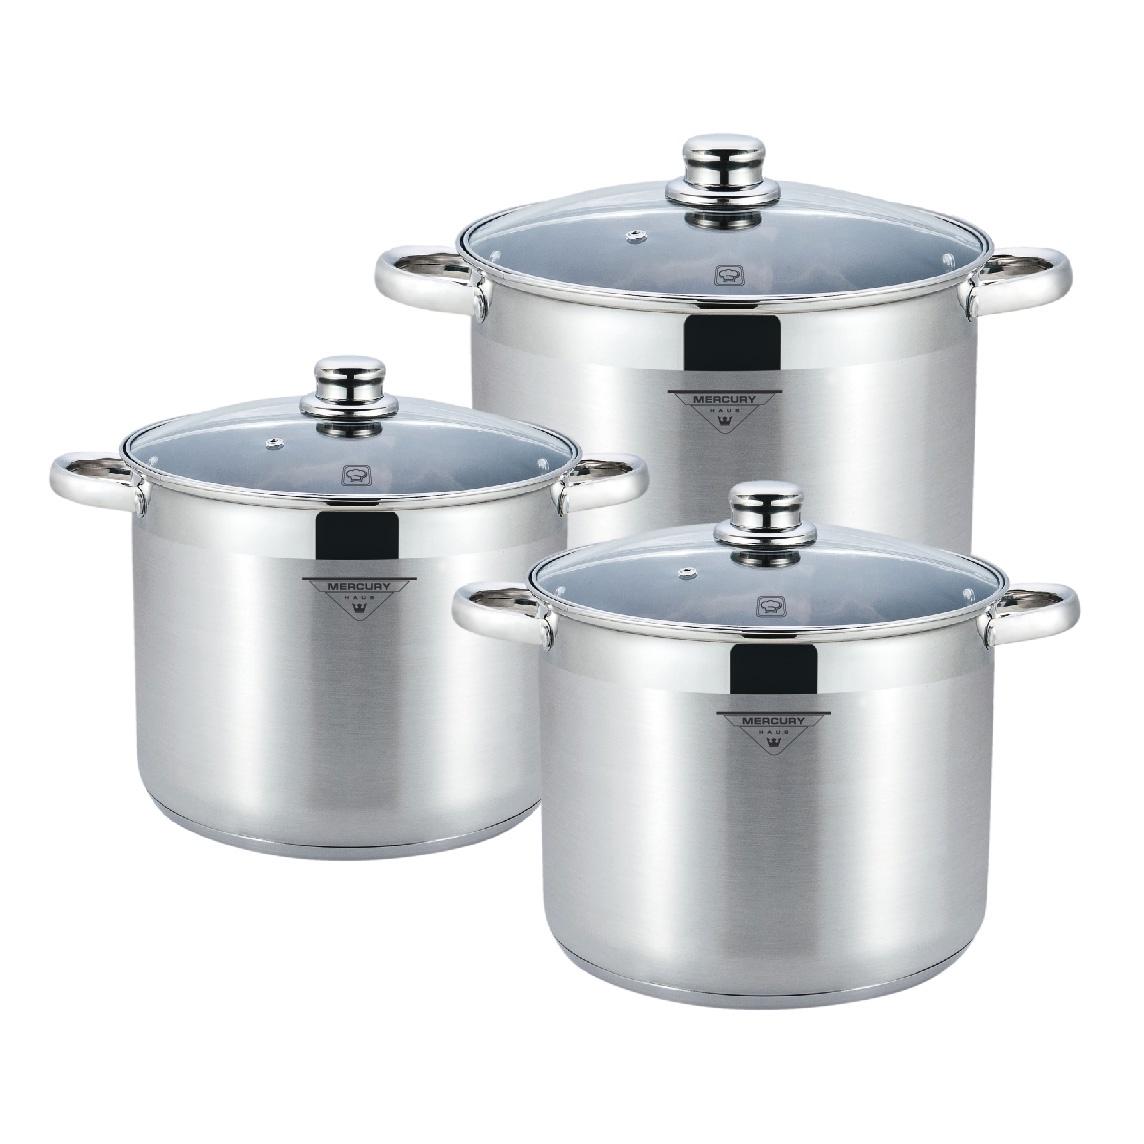 Фото - Набор посуды для приготовления Mercury Haus MC - 7037, серебристый набор ножей mercury haus mc 6154